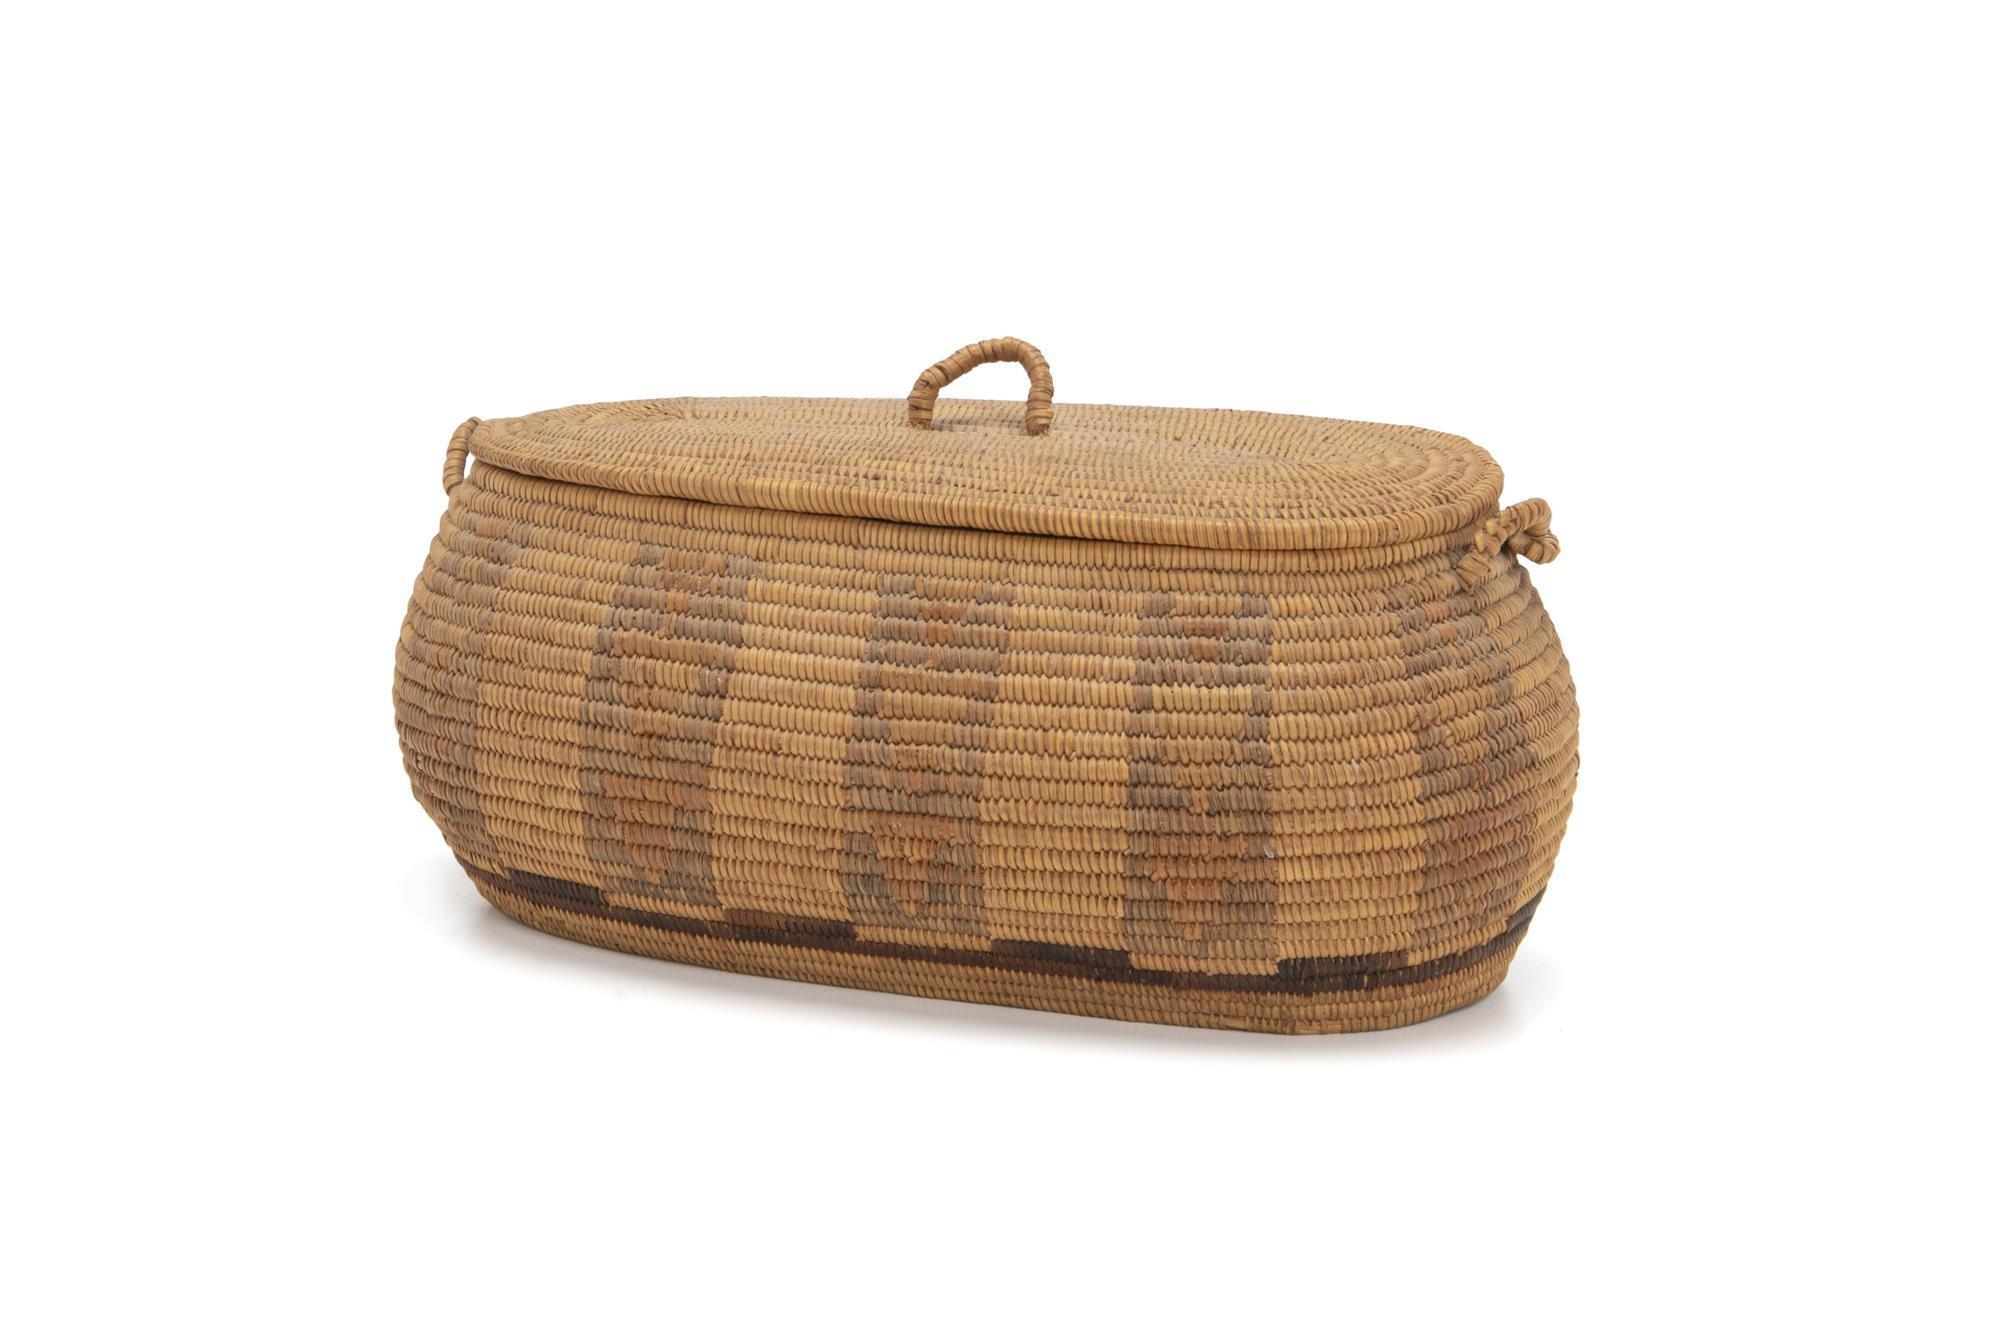 A Paiute lidded basket